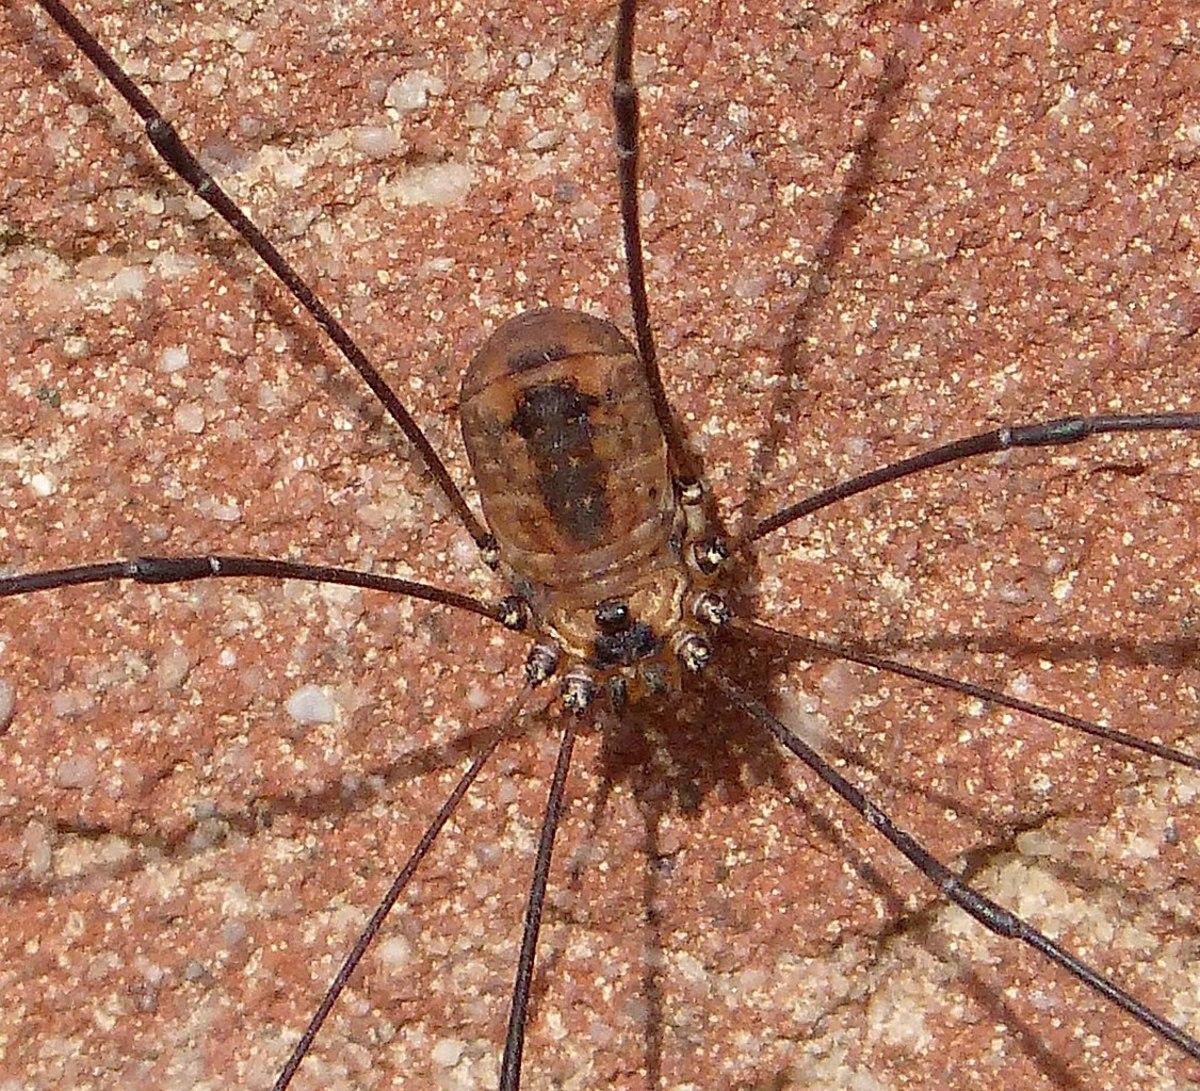 A female Leiobunum rotundum